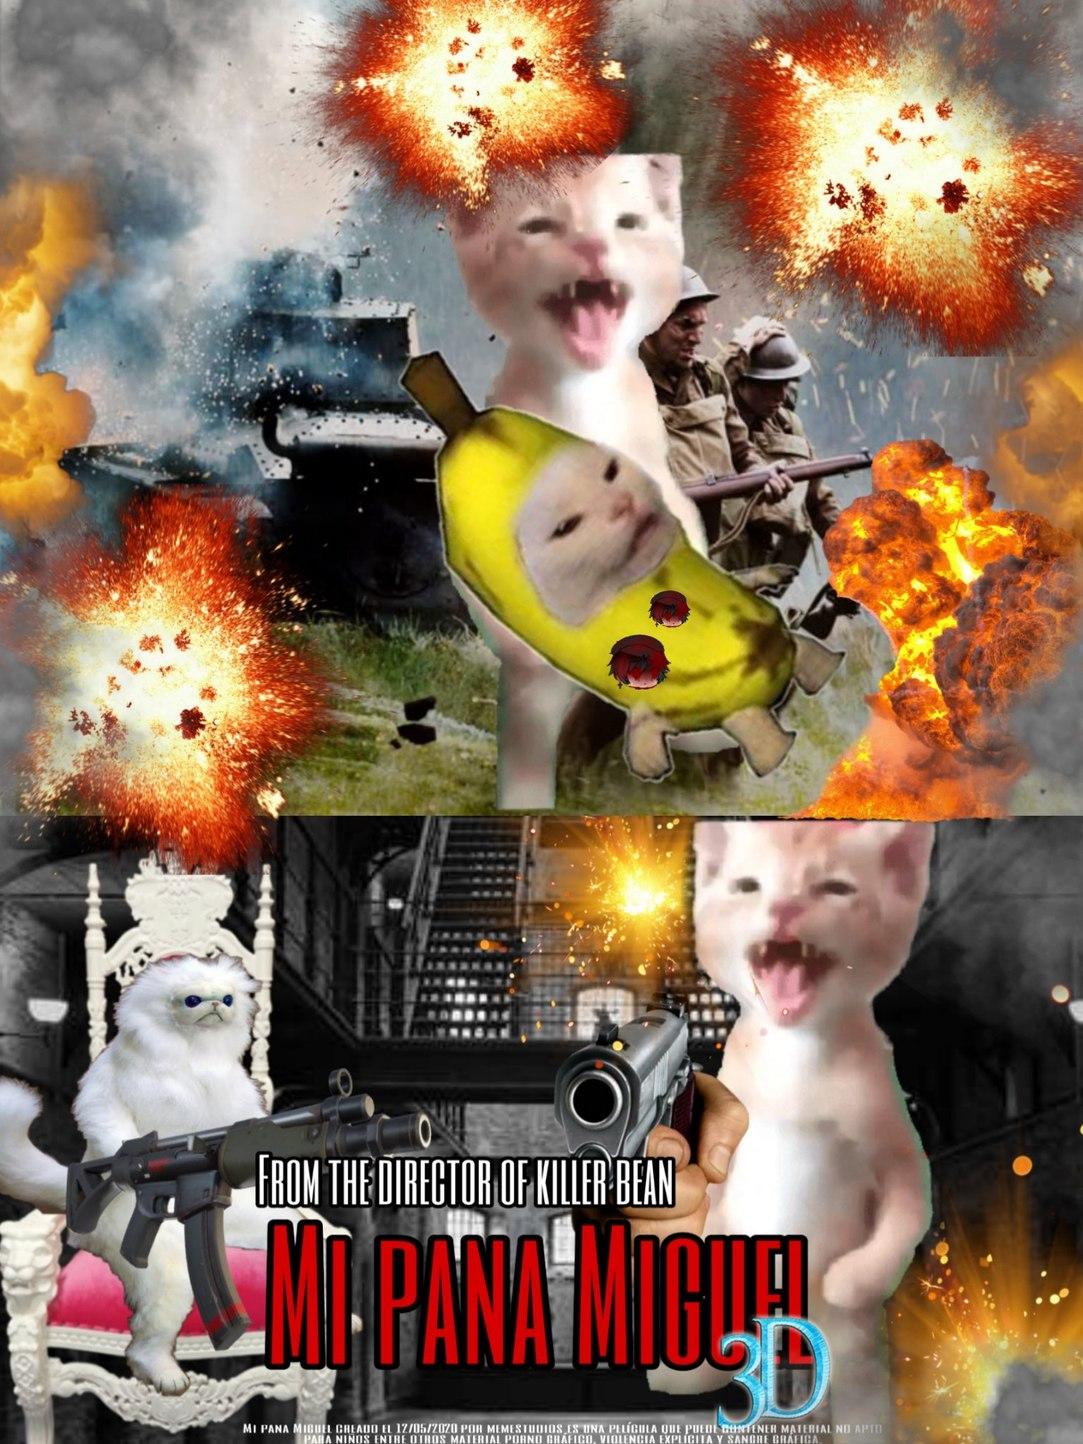 Ya en tus mejores cines - meme